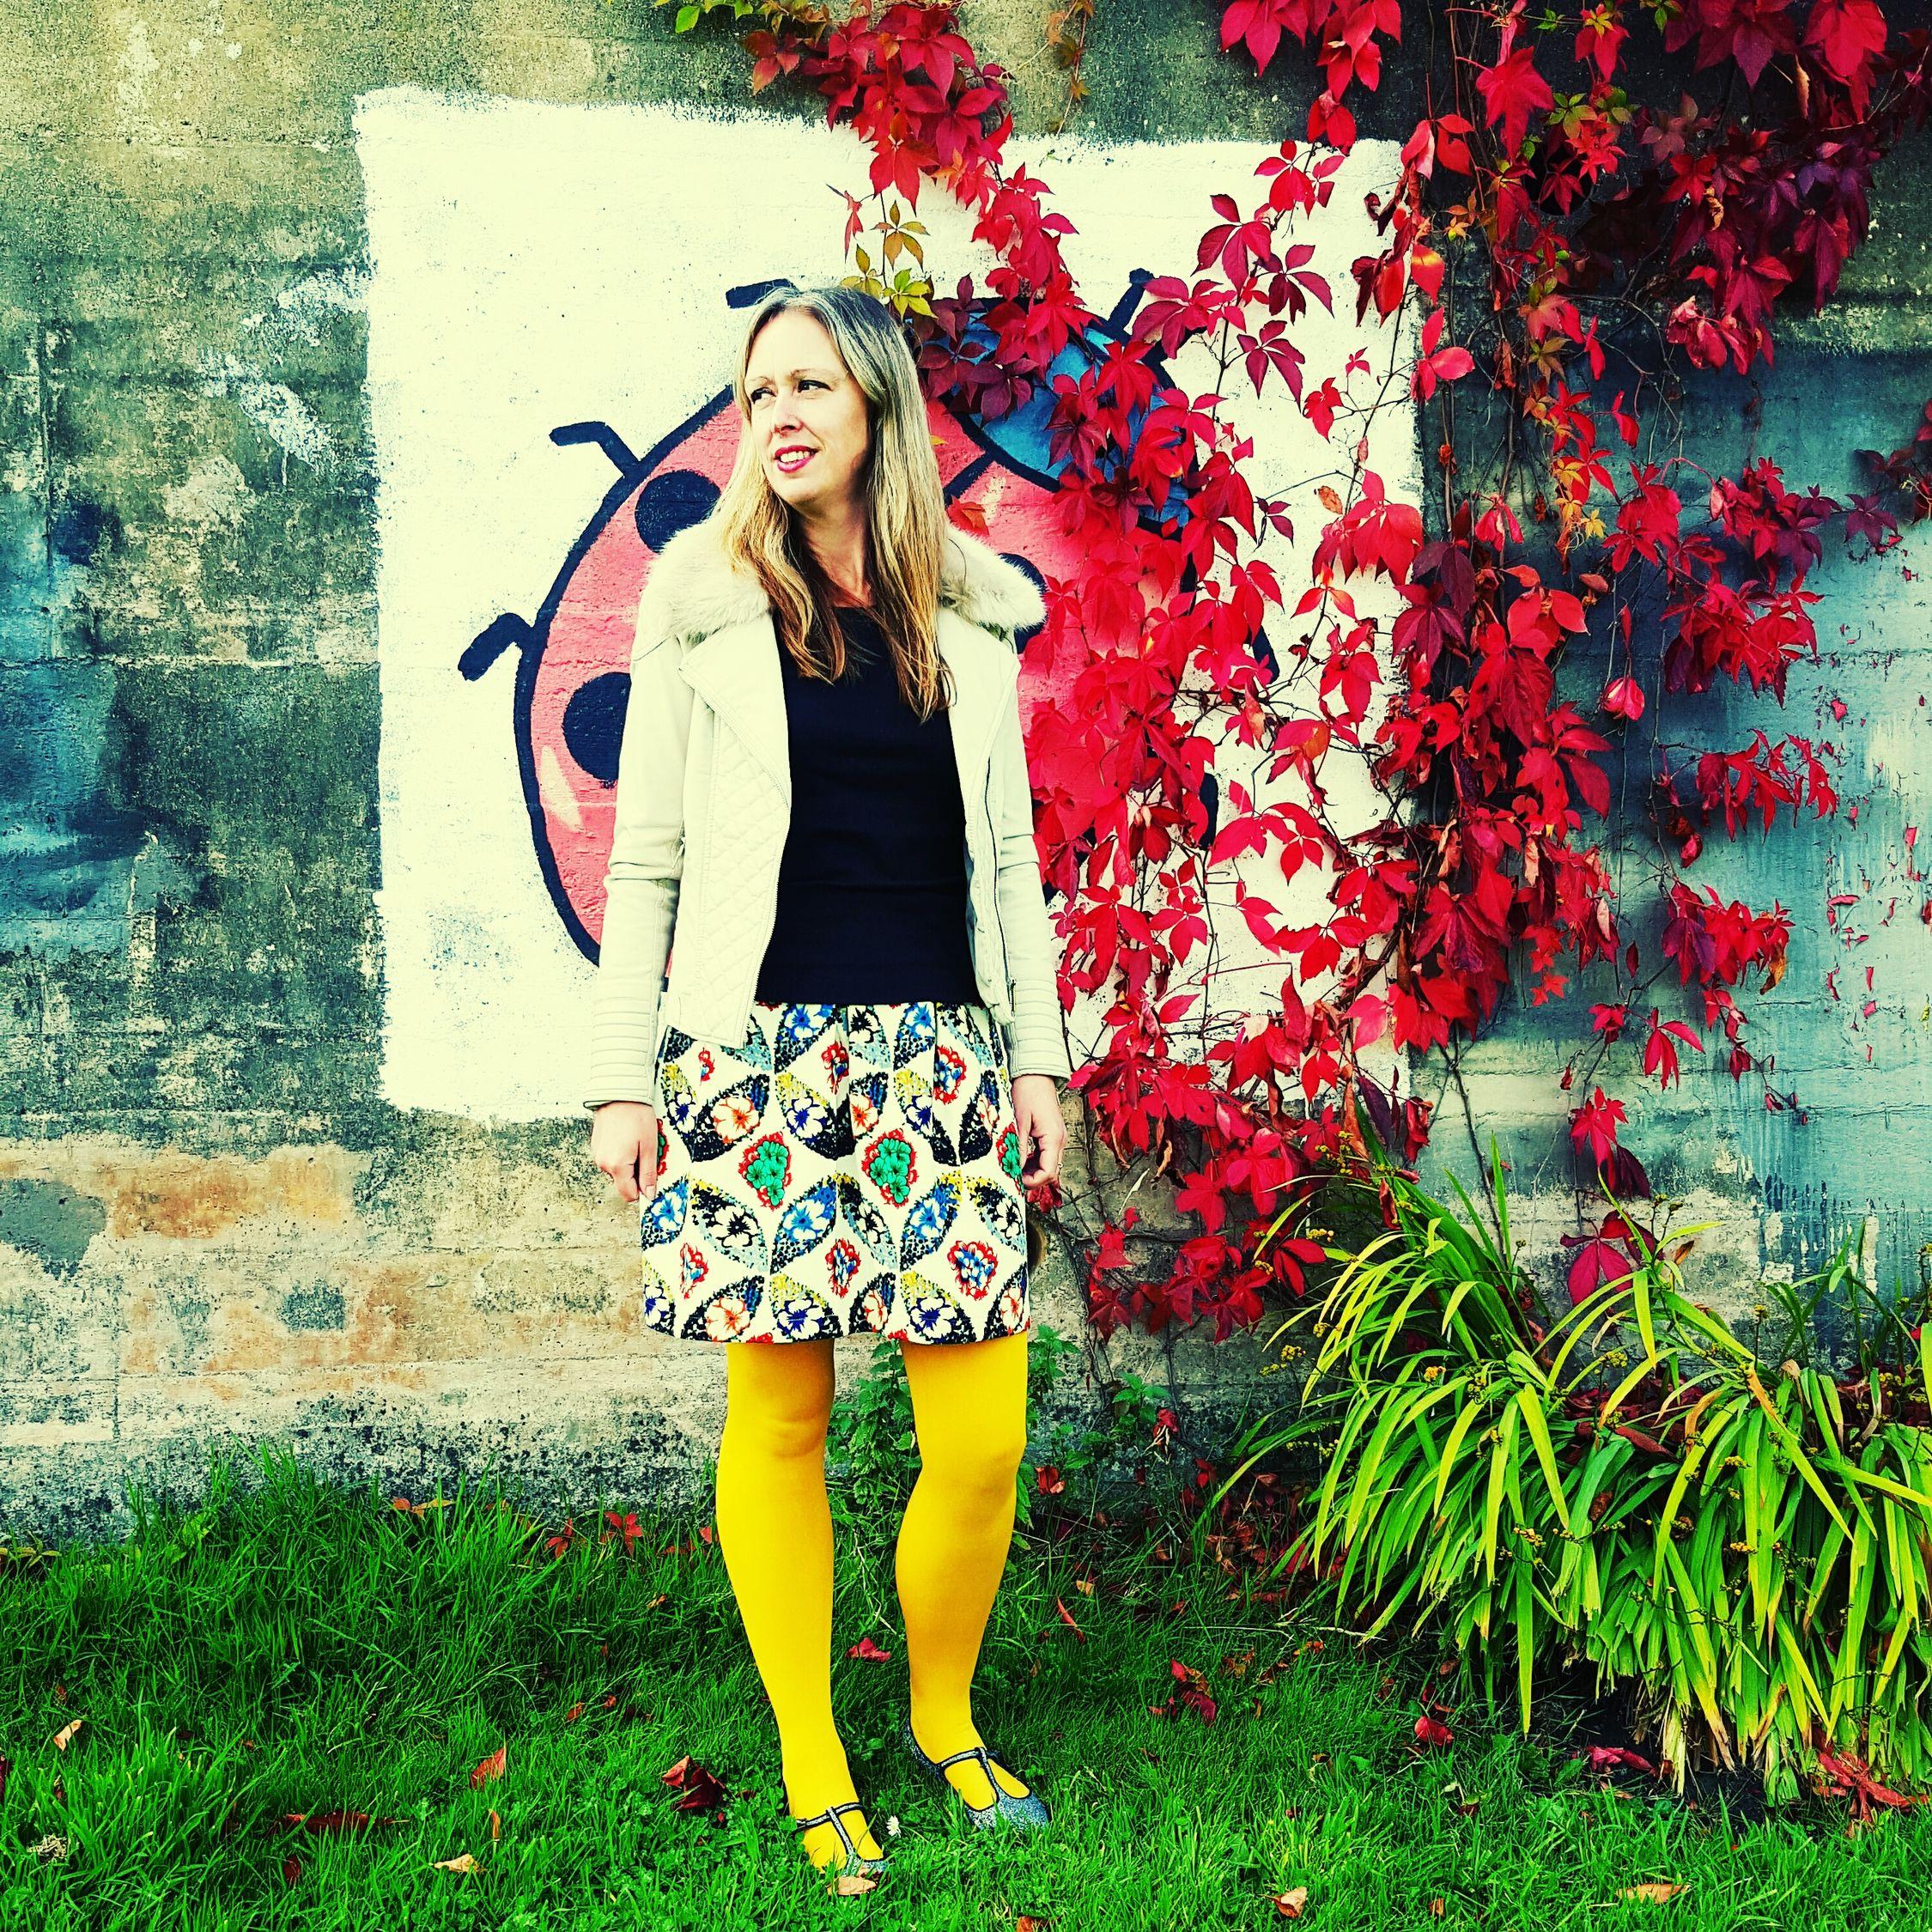 Fall Beauty Autumn Autumn Colors Autumn Leafs Fashionover40 Taking Photos